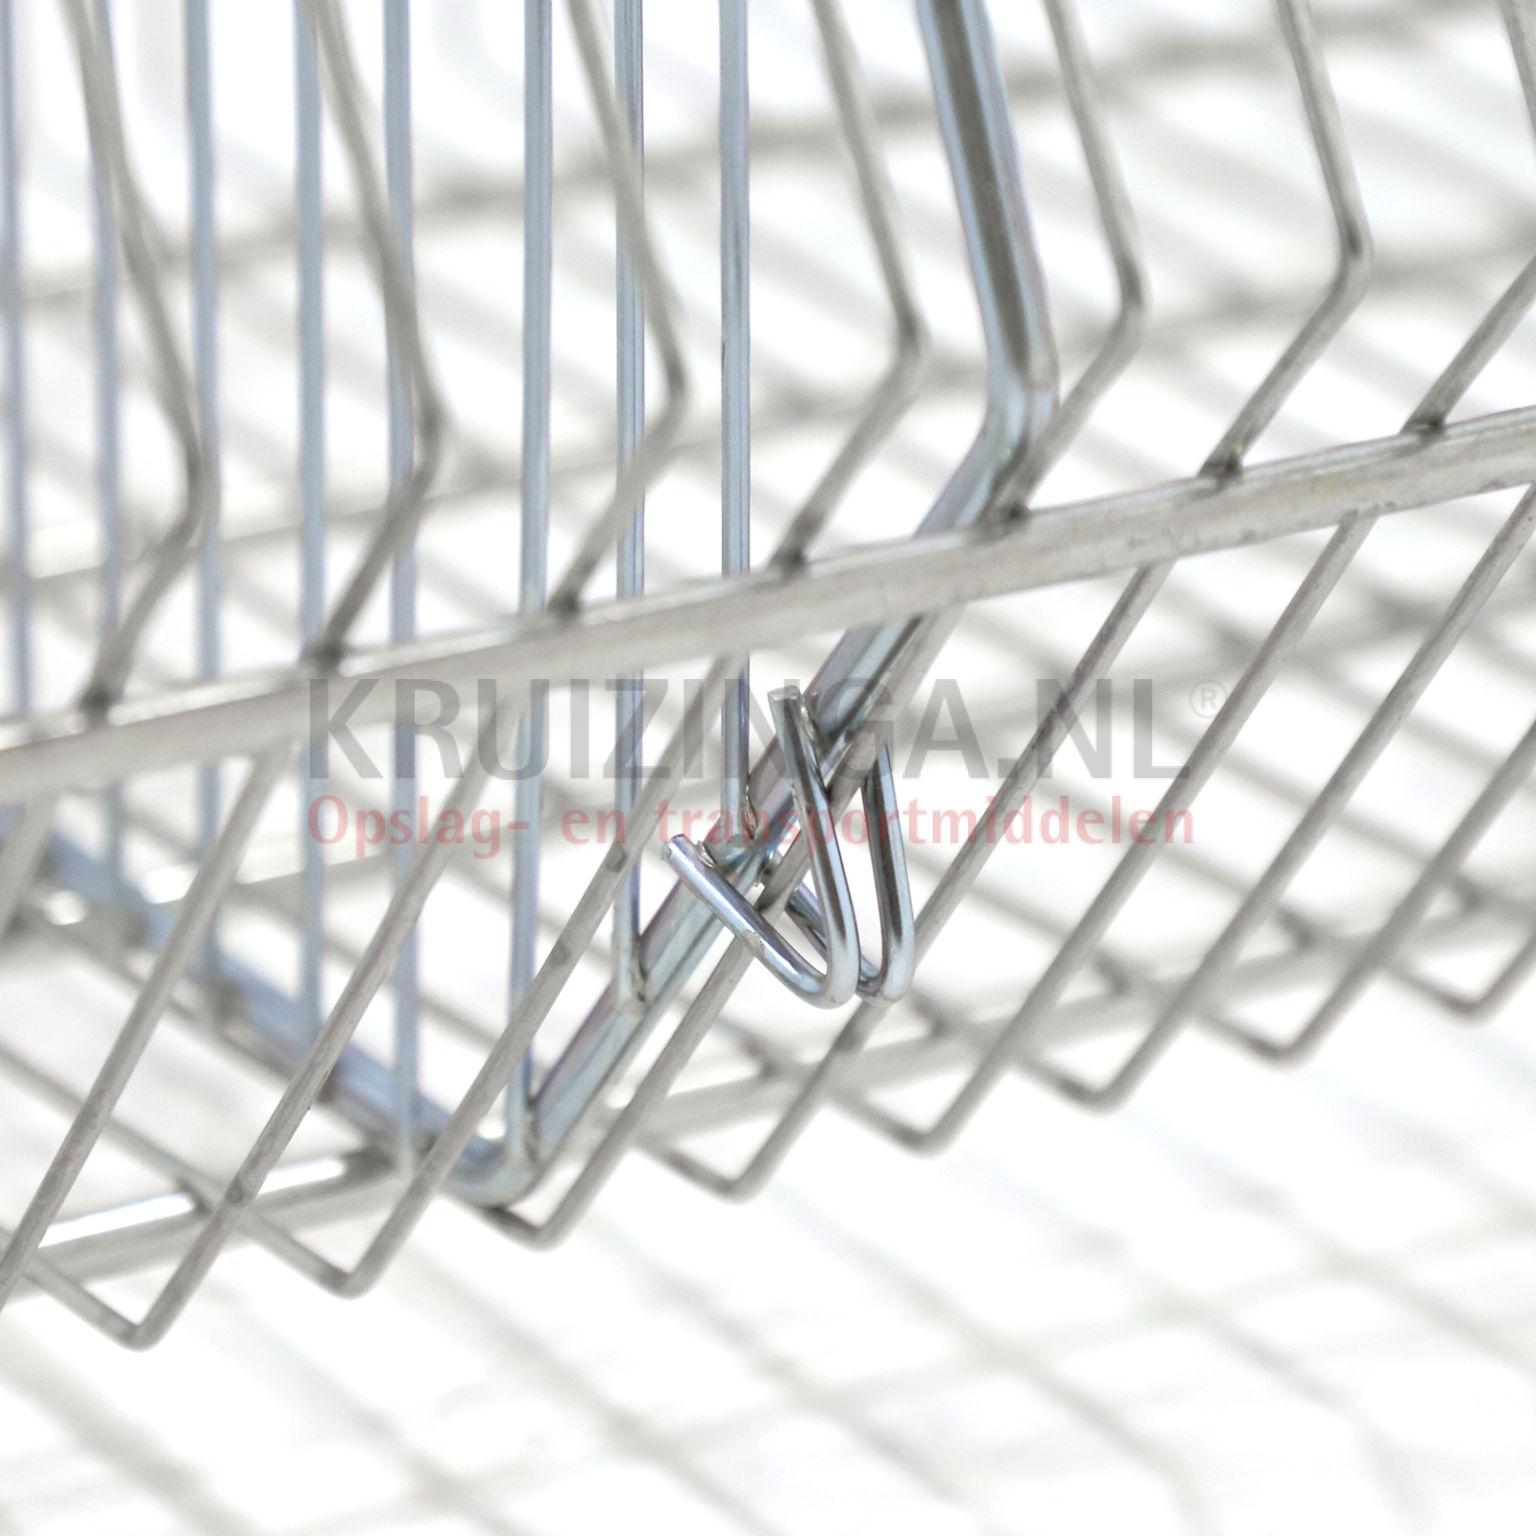 paniers en fil kit combin en roues partir de 125 25. Black Bedroom Furniture Sets. Home Design Ideas